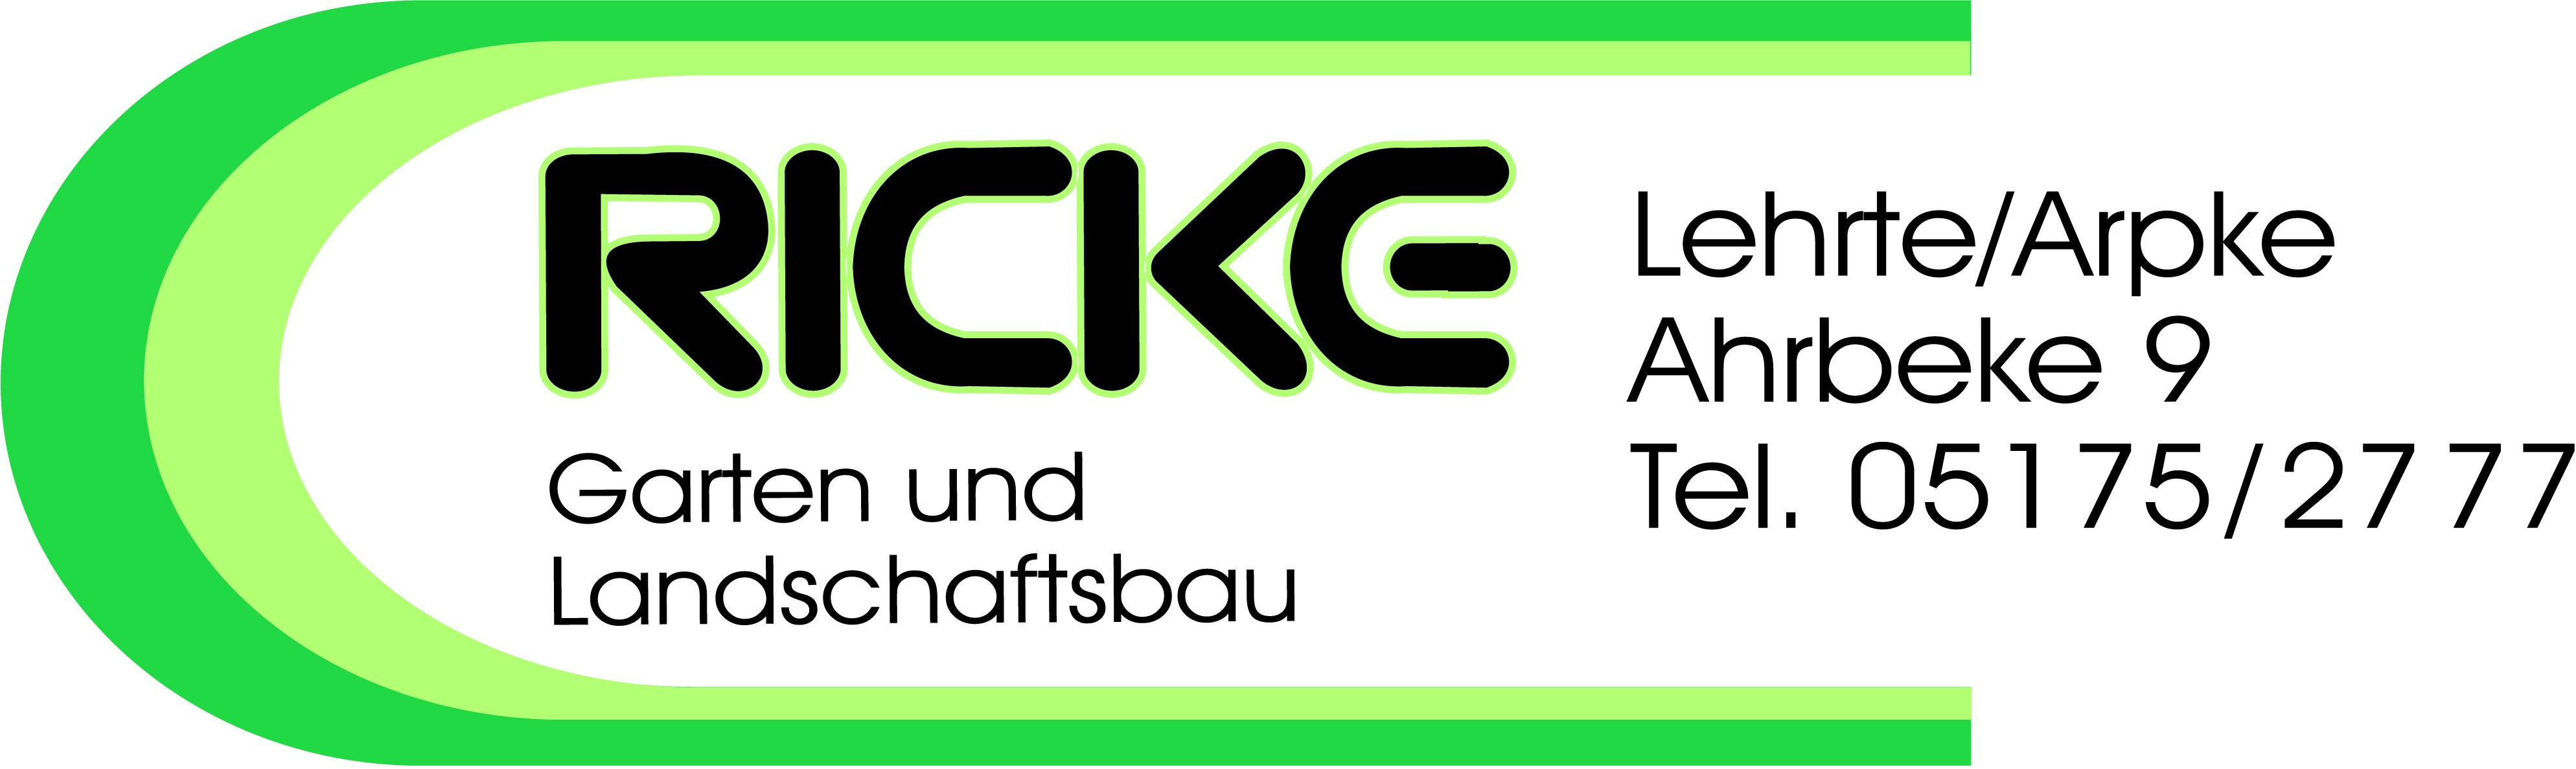 Ricke Garten u. Landschaftsbau Inh. Marcel Brümann